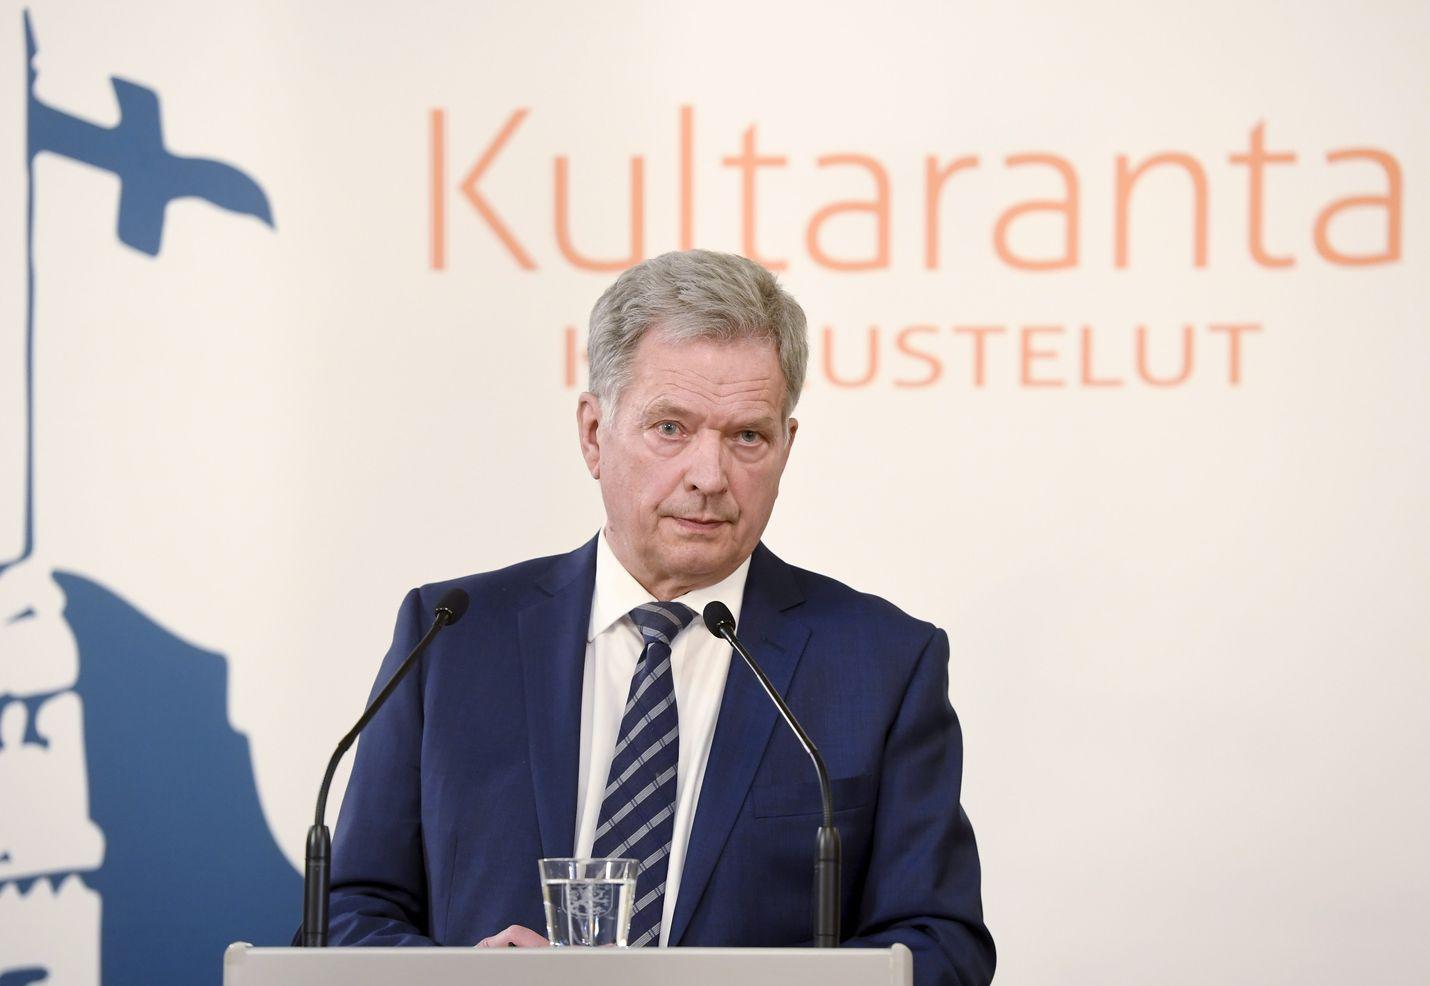 Tasavallan presidentti Sauli Niinistö oli median haastateltavana ennen sunnuntaina järjestettäviä Kultaranta-keskusteluja.